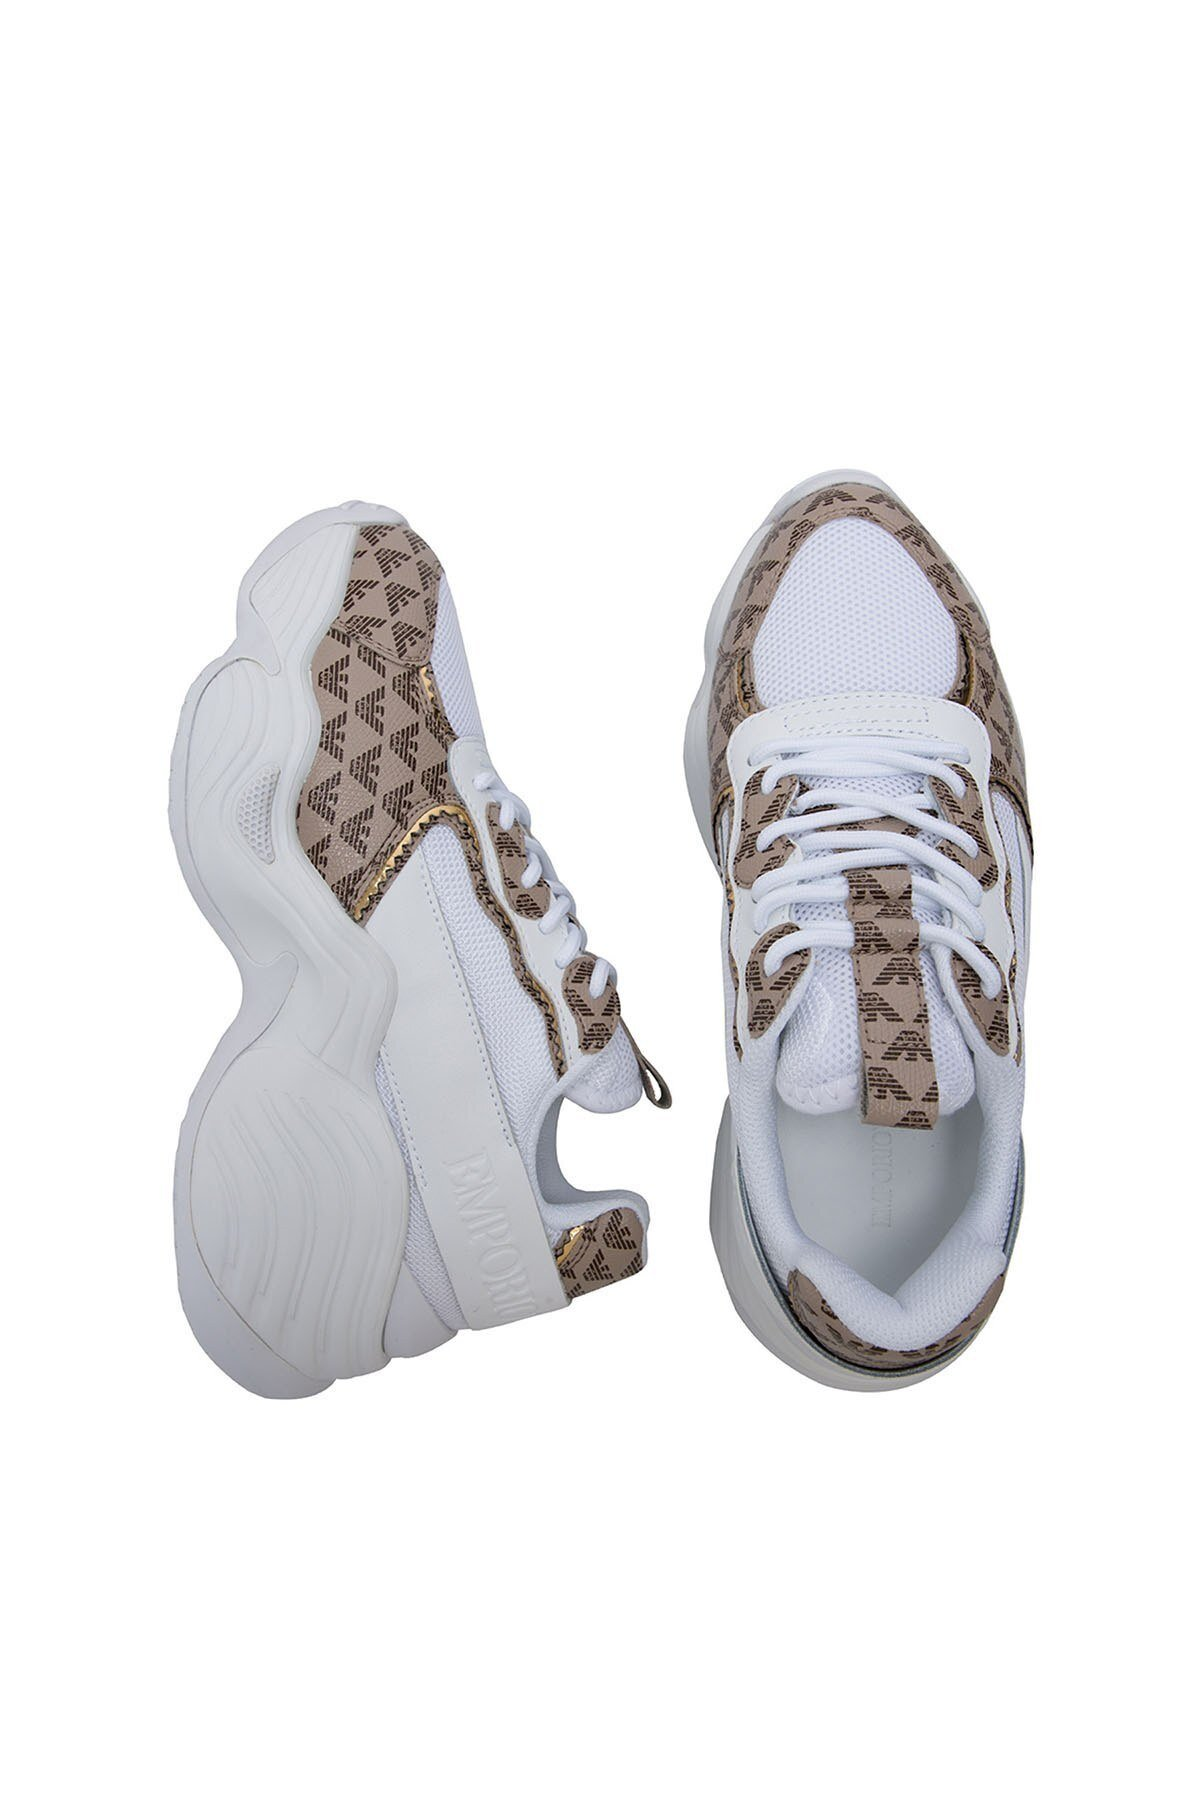 Emporio Armani Bayan Ayakkabı X3X088 XM328 R780 BEYAZ